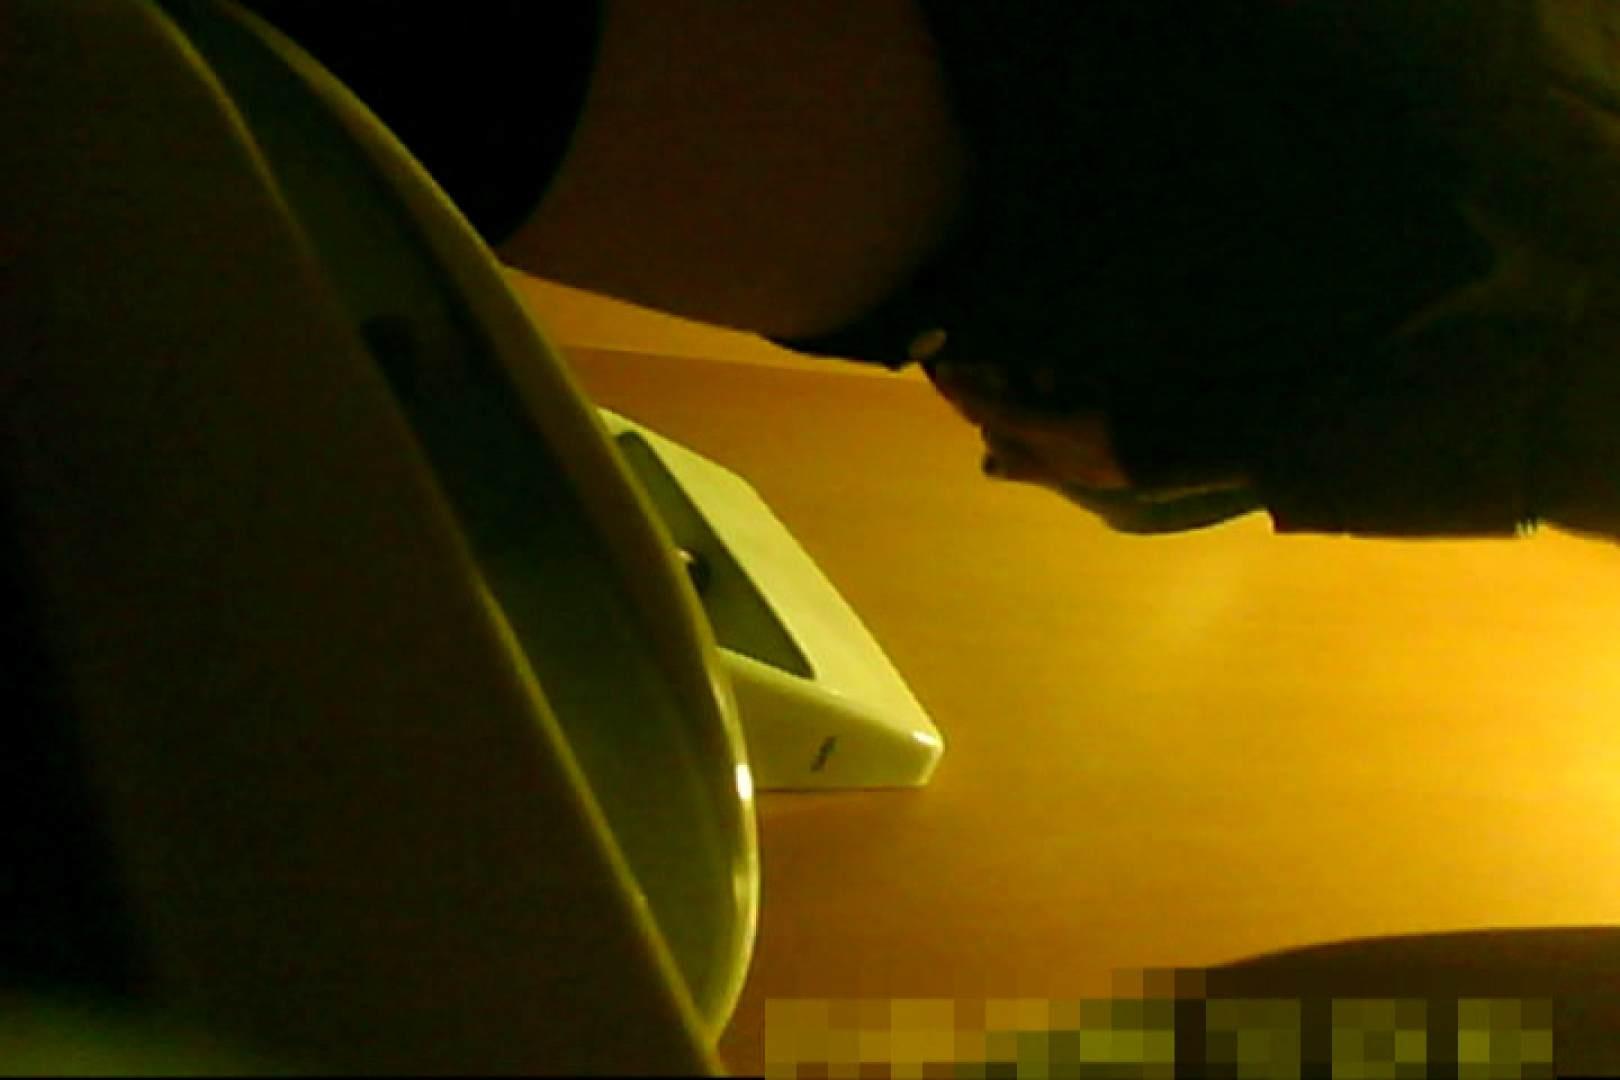 魅惑の化粧室~禁断のプライベート空間~12 盗撮師作品 AV無料動画キャプチャ 95pic 42